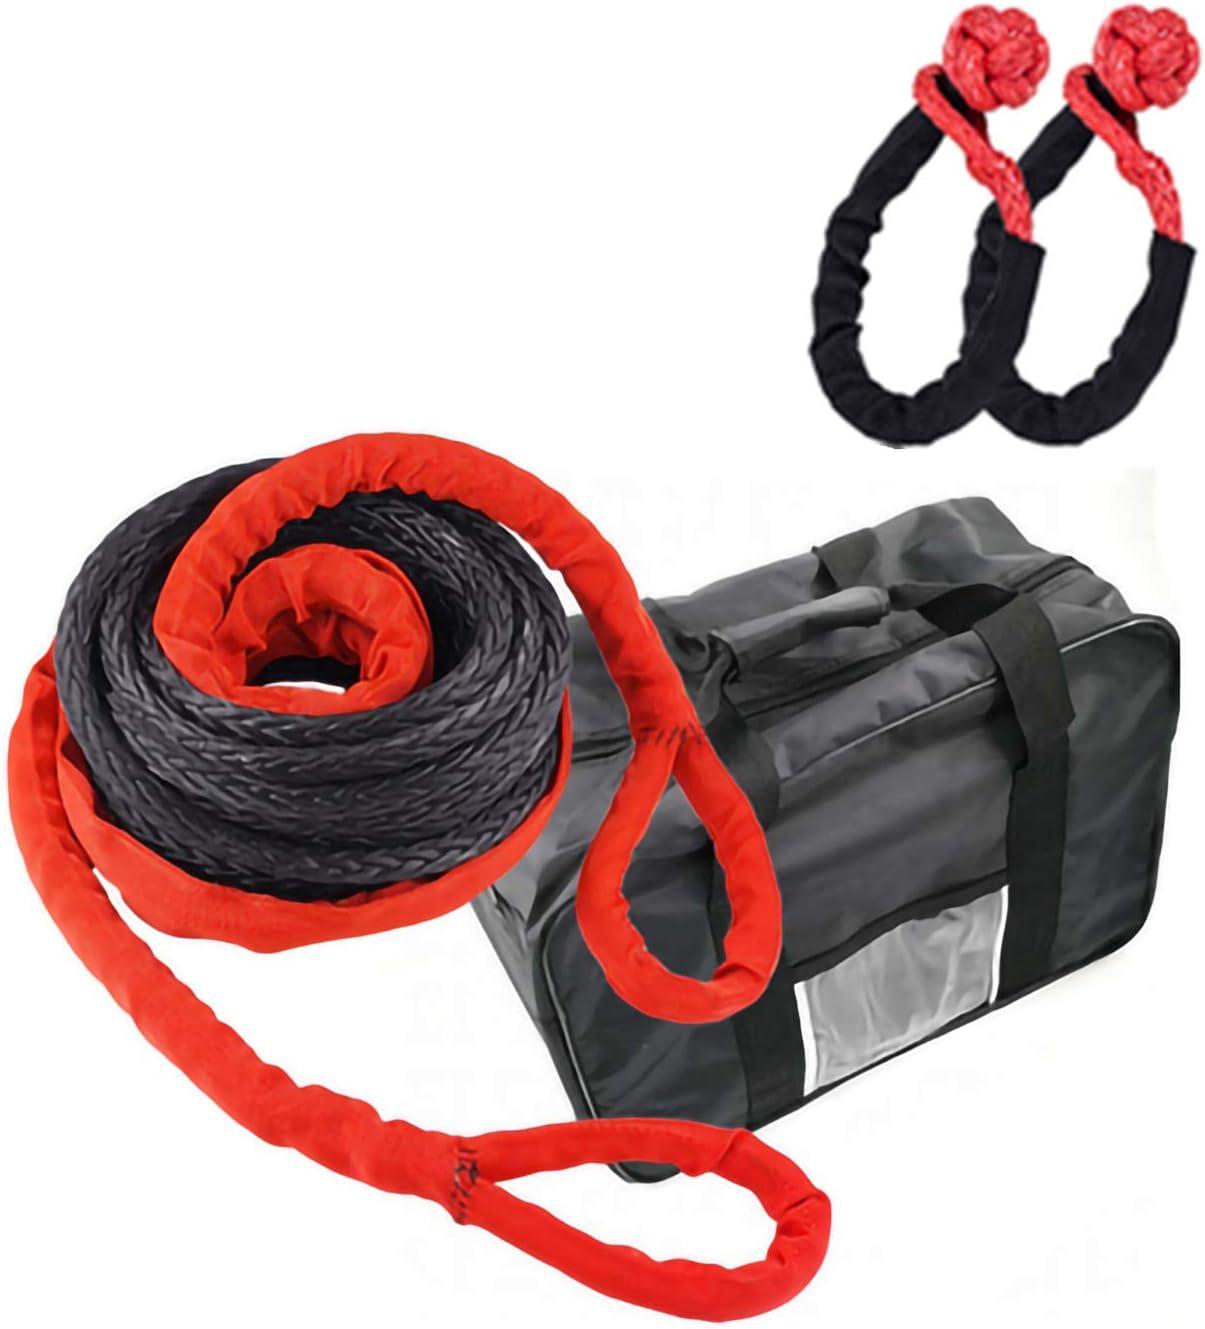 Cuerda remolque automóvil 15t, 15m Cuerda tracción rescate ...